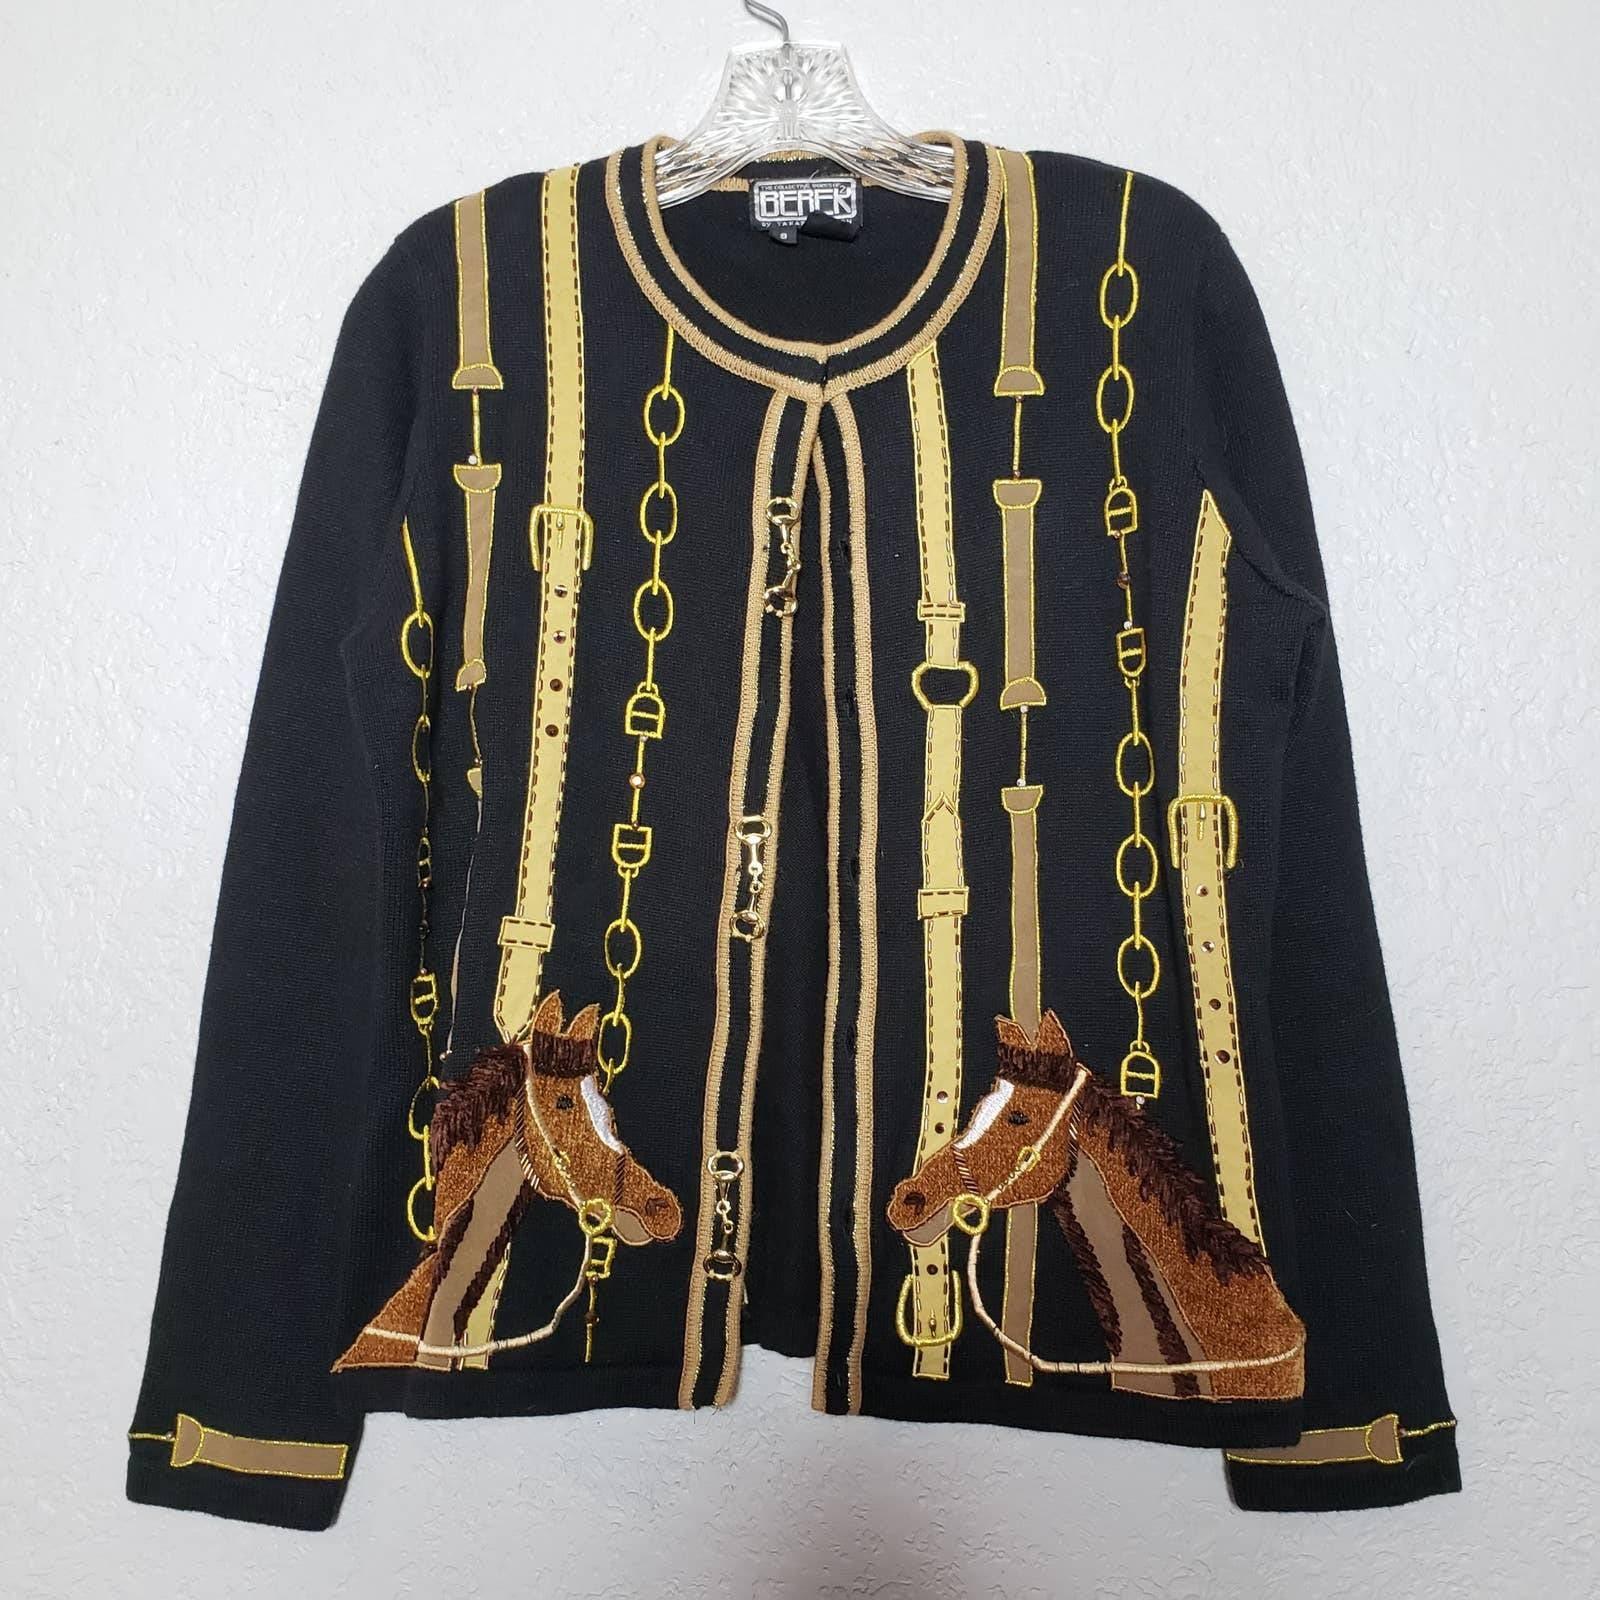 Vintage Berek Horse Sweater - S